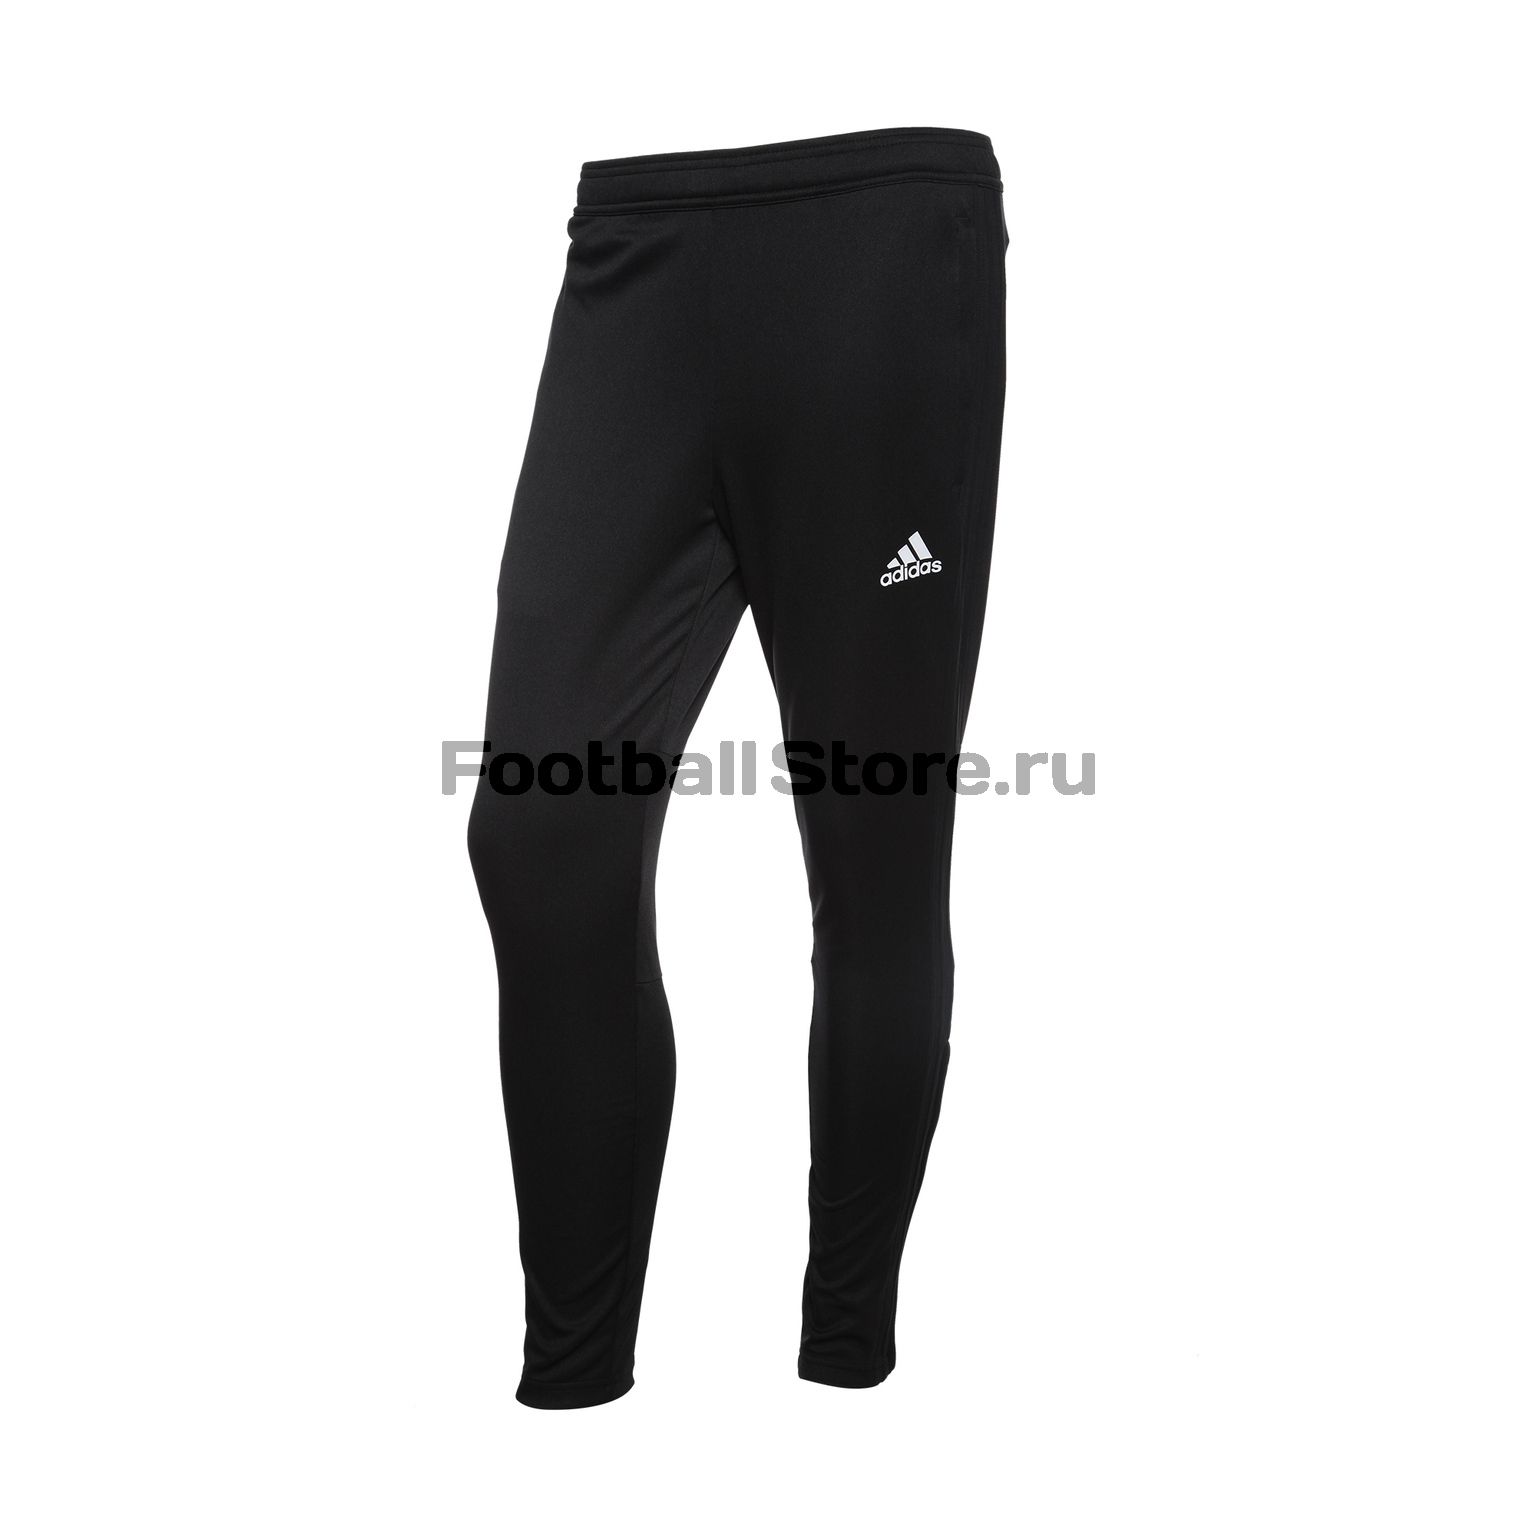 Брюки Adidas Con18 TR Pnt BS0526 спортивные штаны мужские adidas regi18 tr pnt цвет черный cz8657 размер xl 56 58